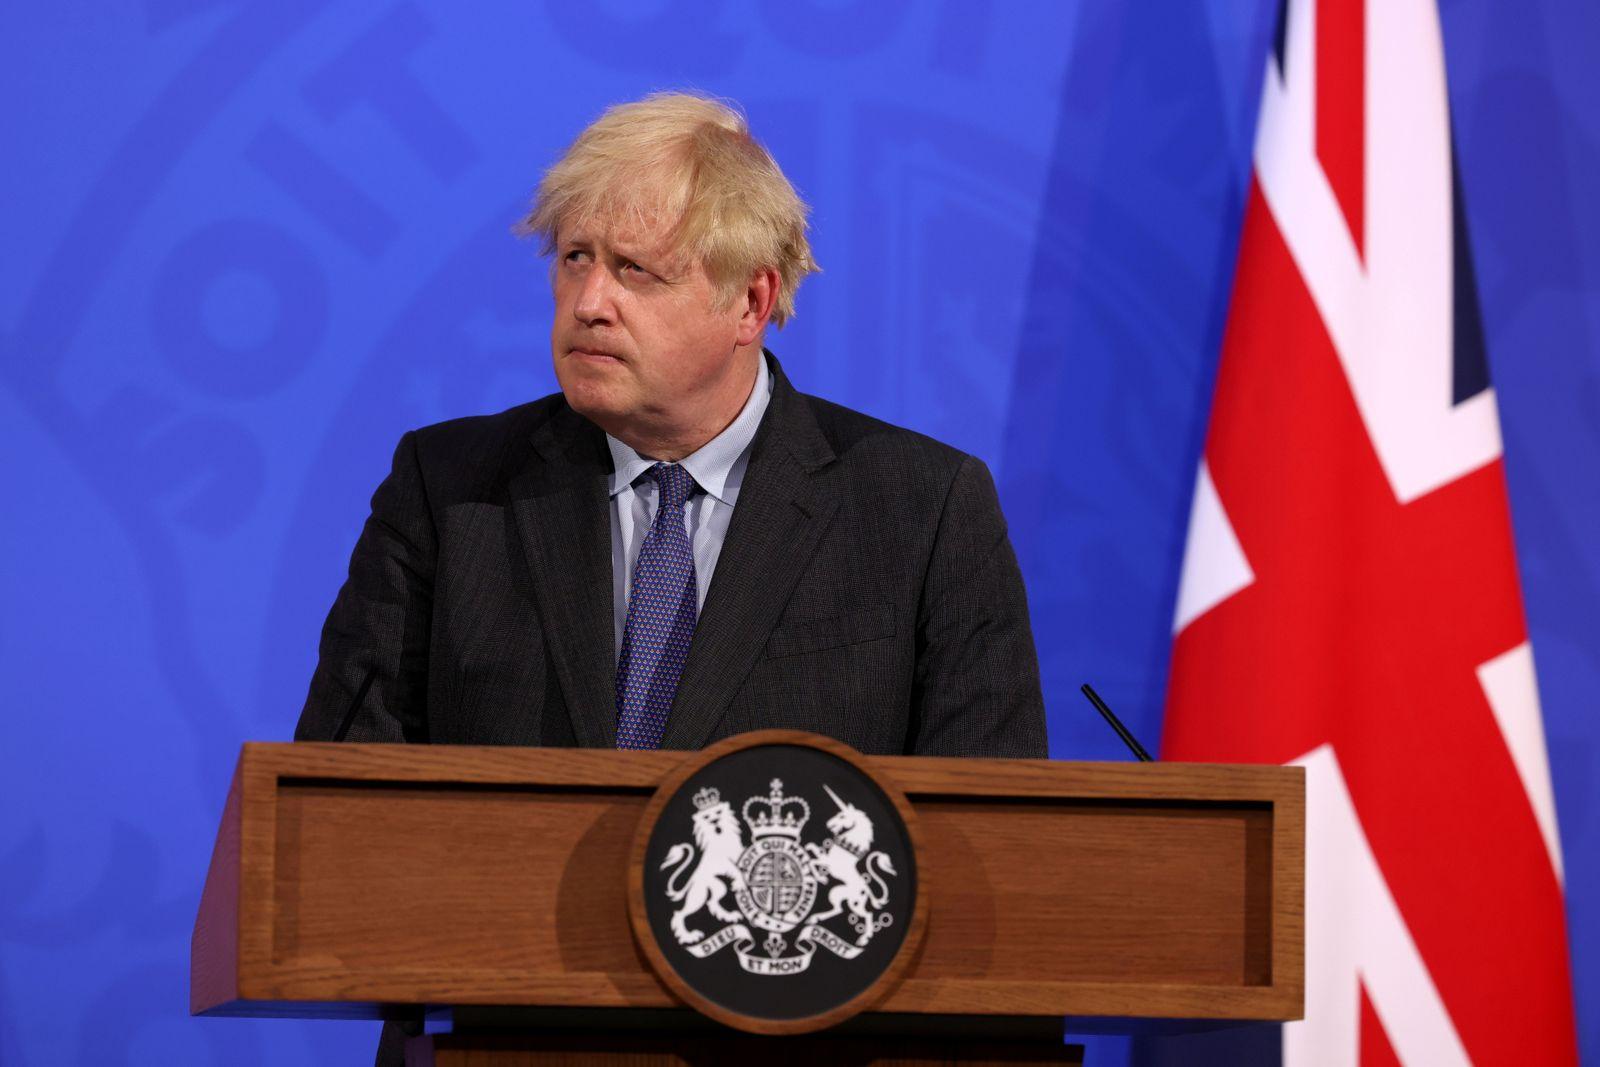 British PM Johnson announces coronavirus lockdown update in London